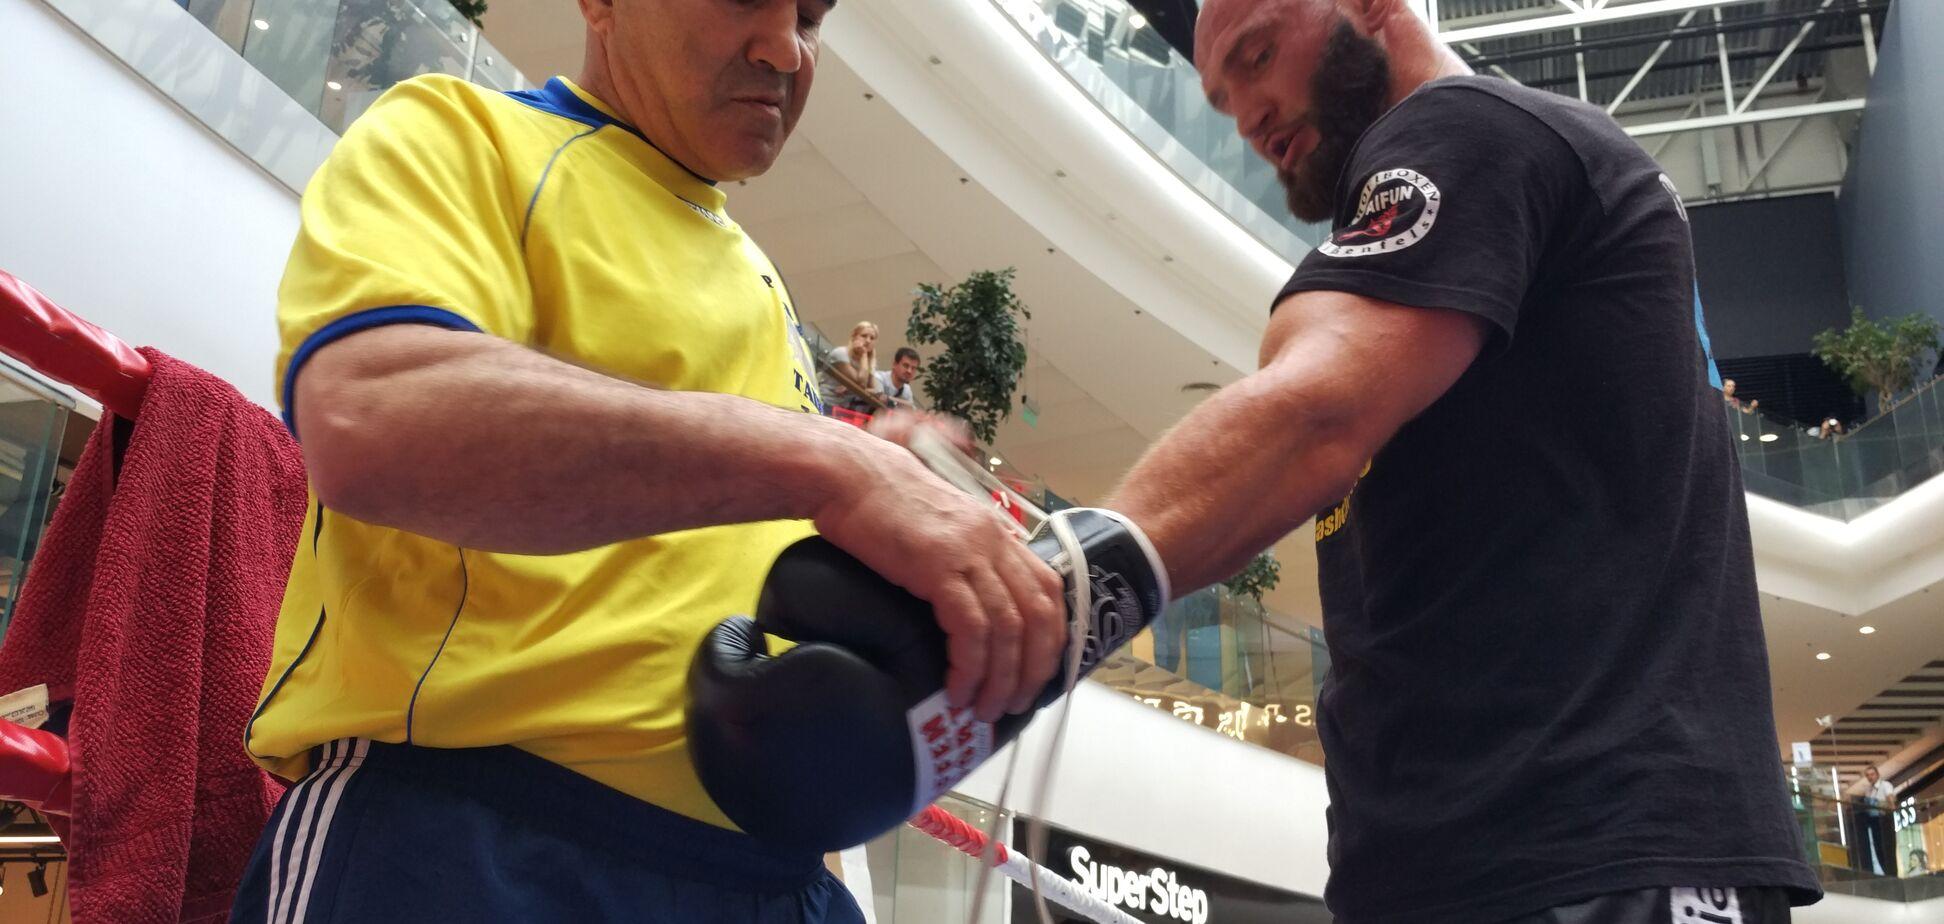 Будущий соперник победителя WBSS? Украинец поборется за звание чемпиона мира